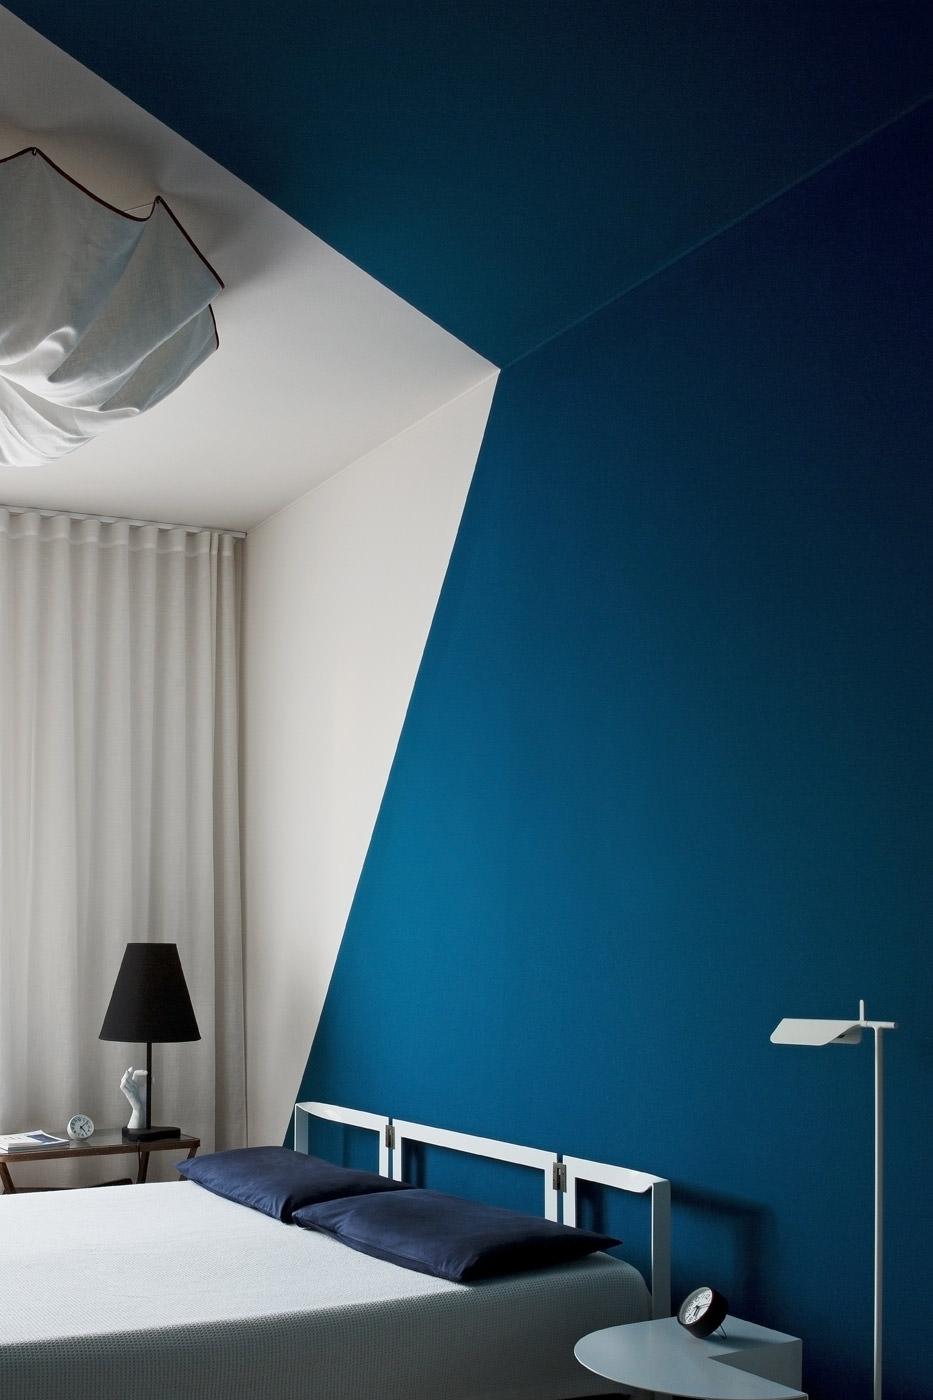 Soffitti decorati 40 idee per rendere unico il soffitto for Decorare muro stanza